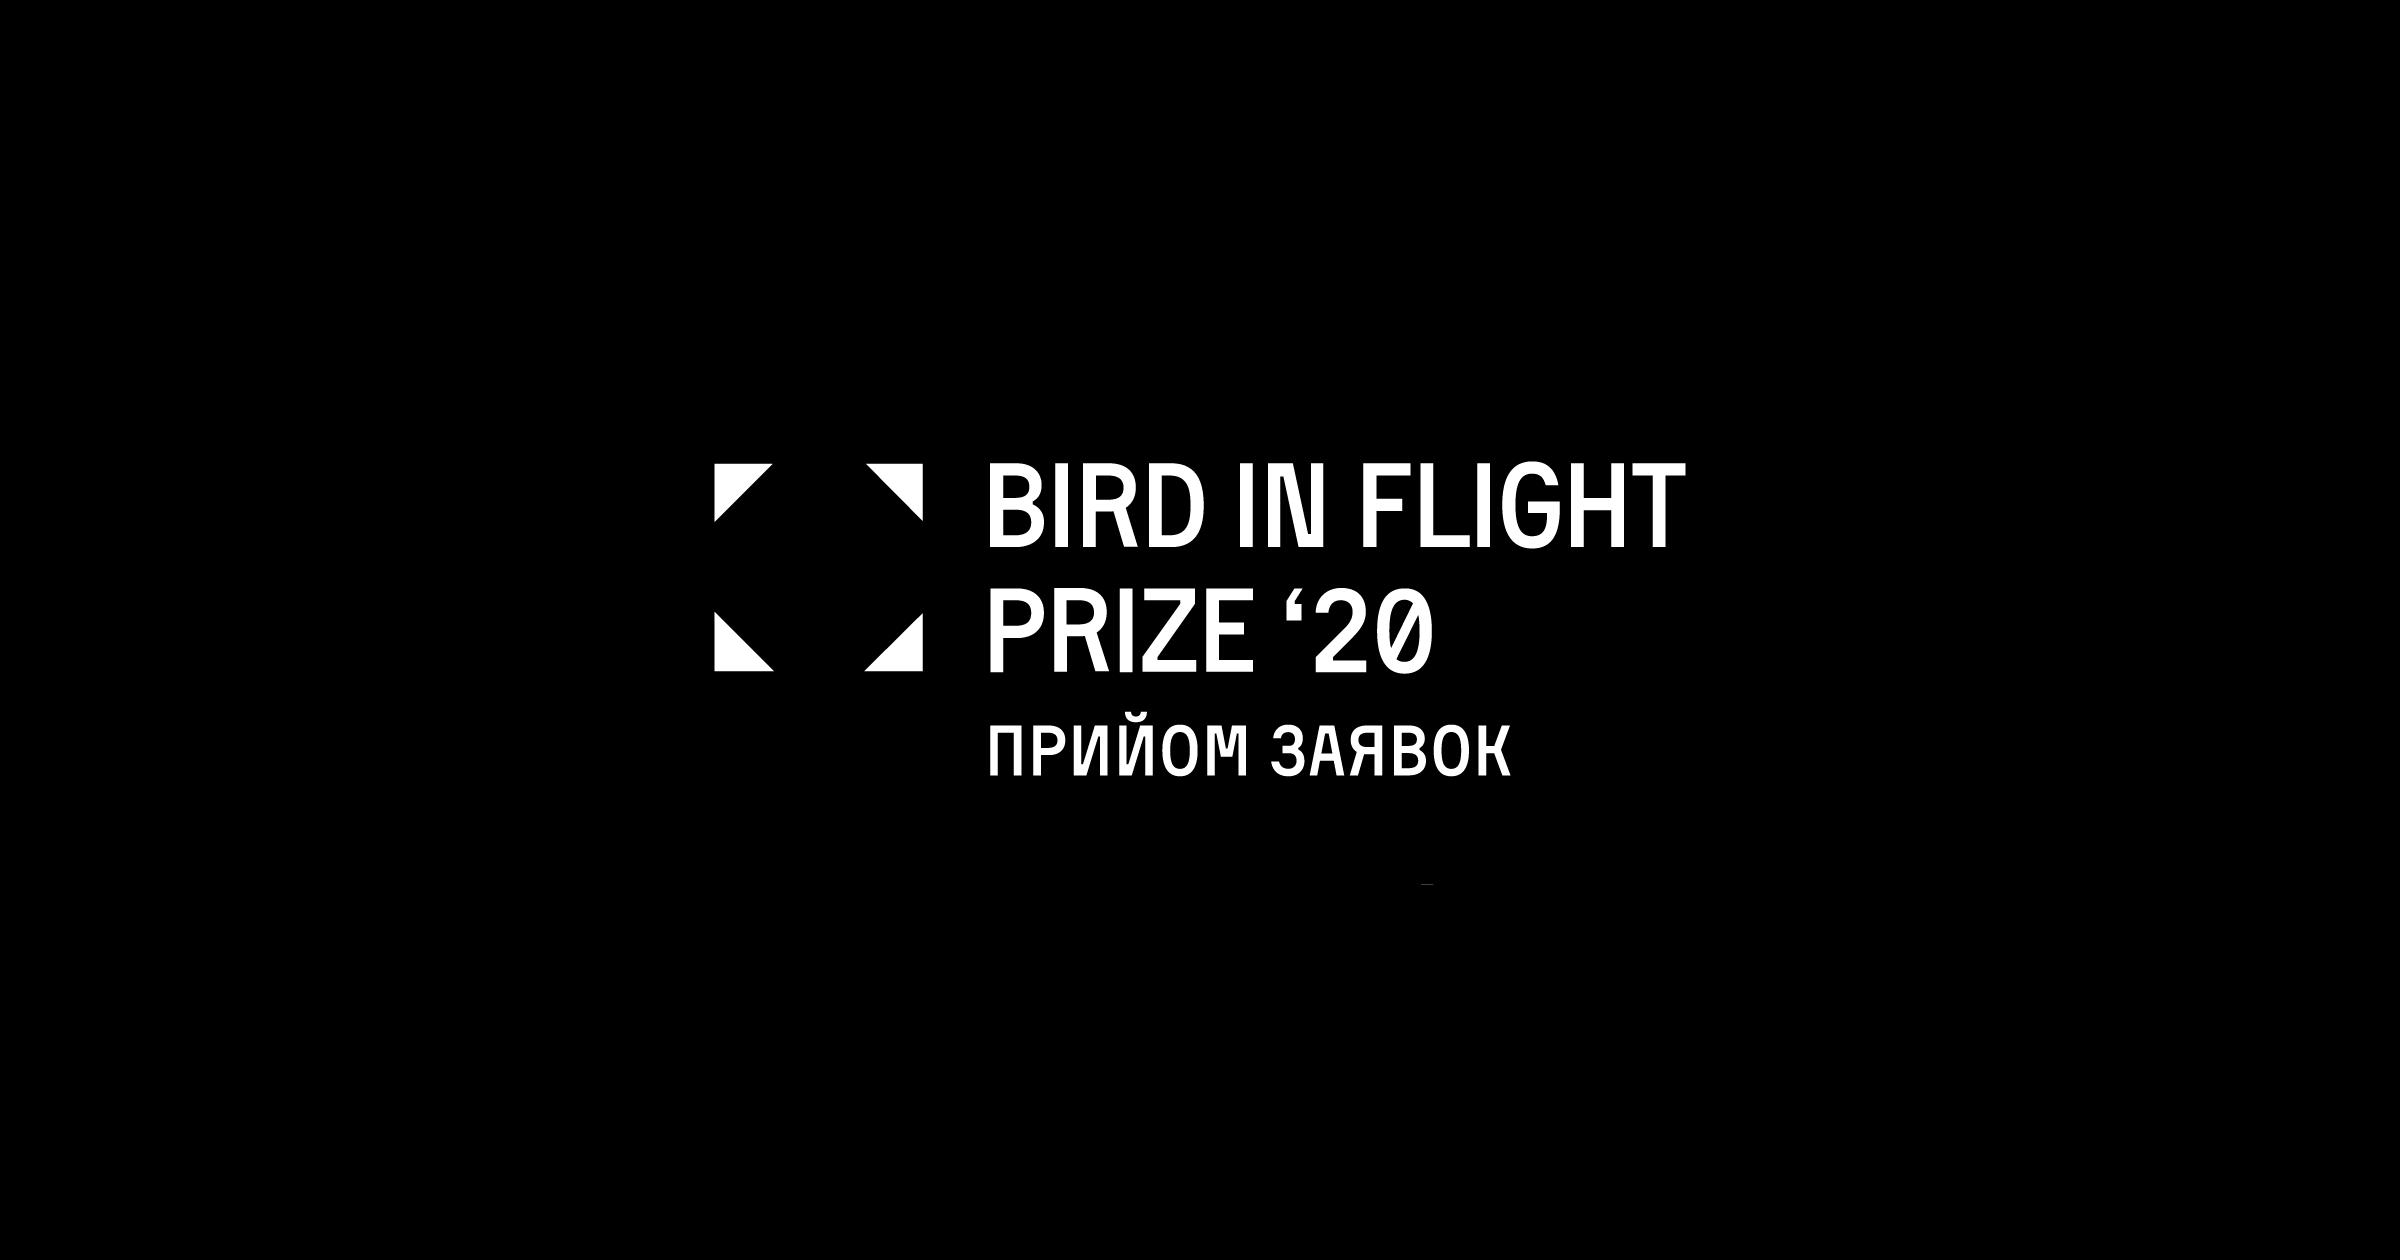 Прийом заявок на конкурс новаторської фотографії Bird in Flight Prize '20